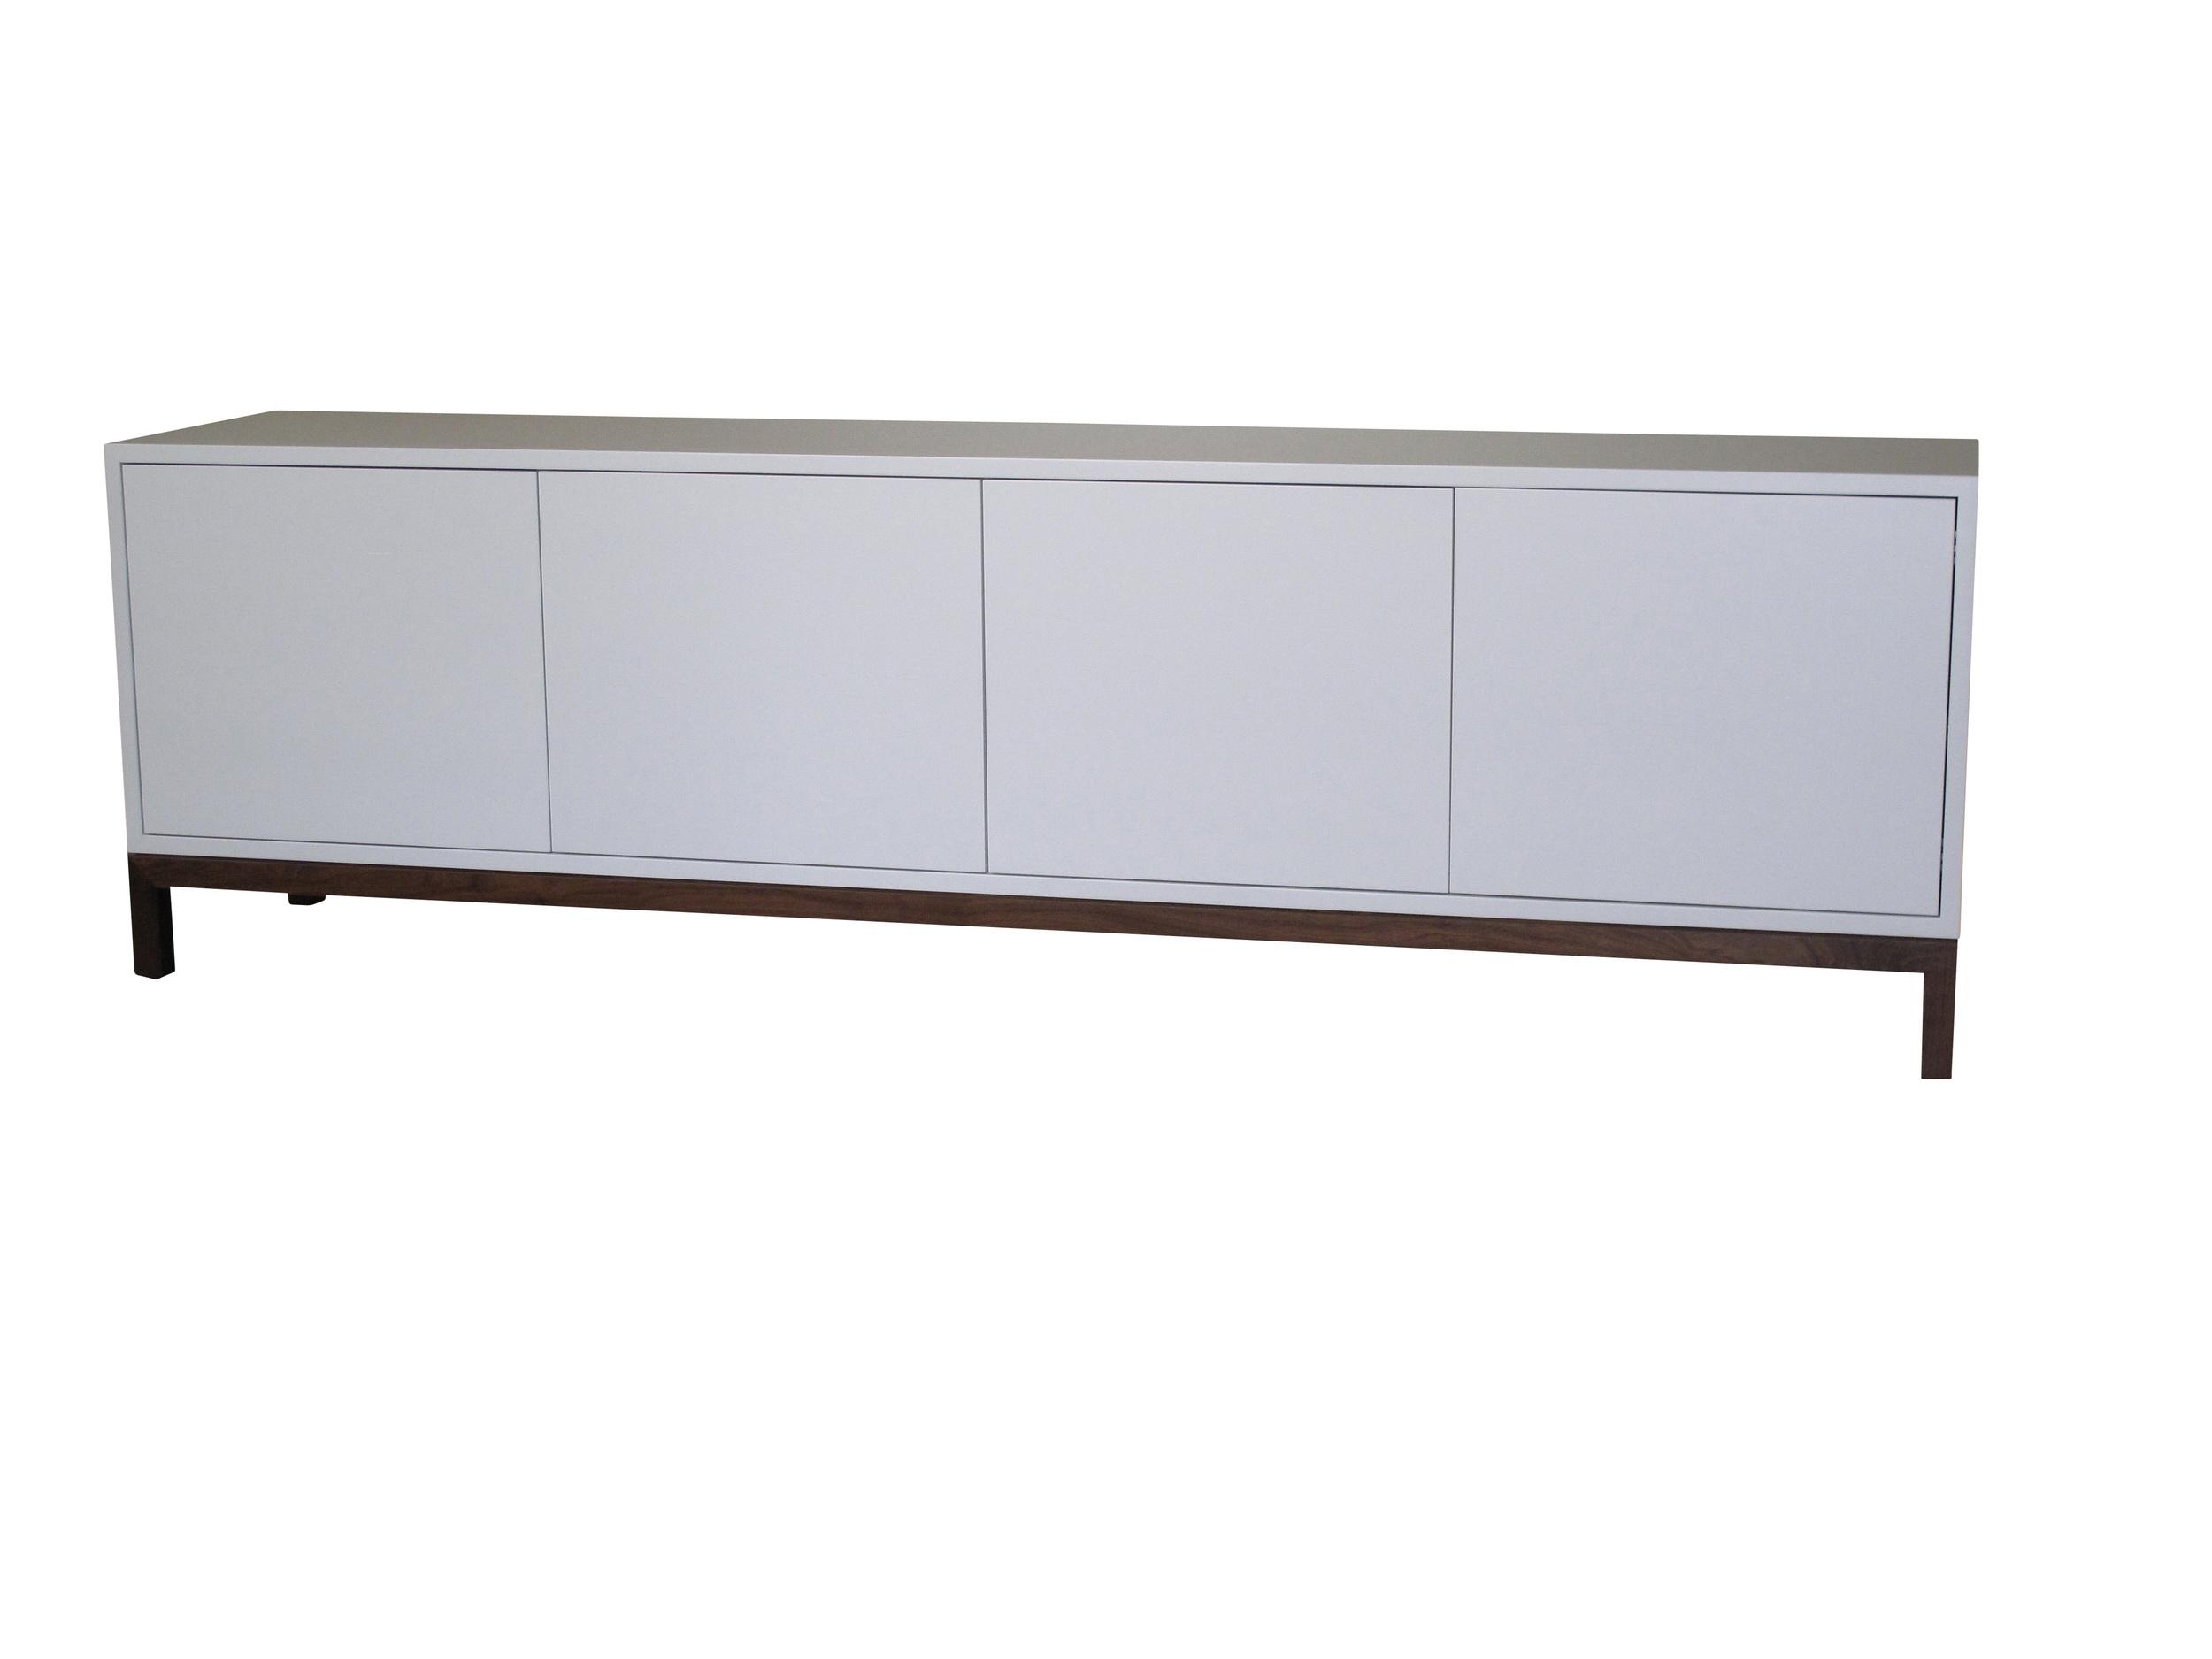 LIVINGSTON Cabinet